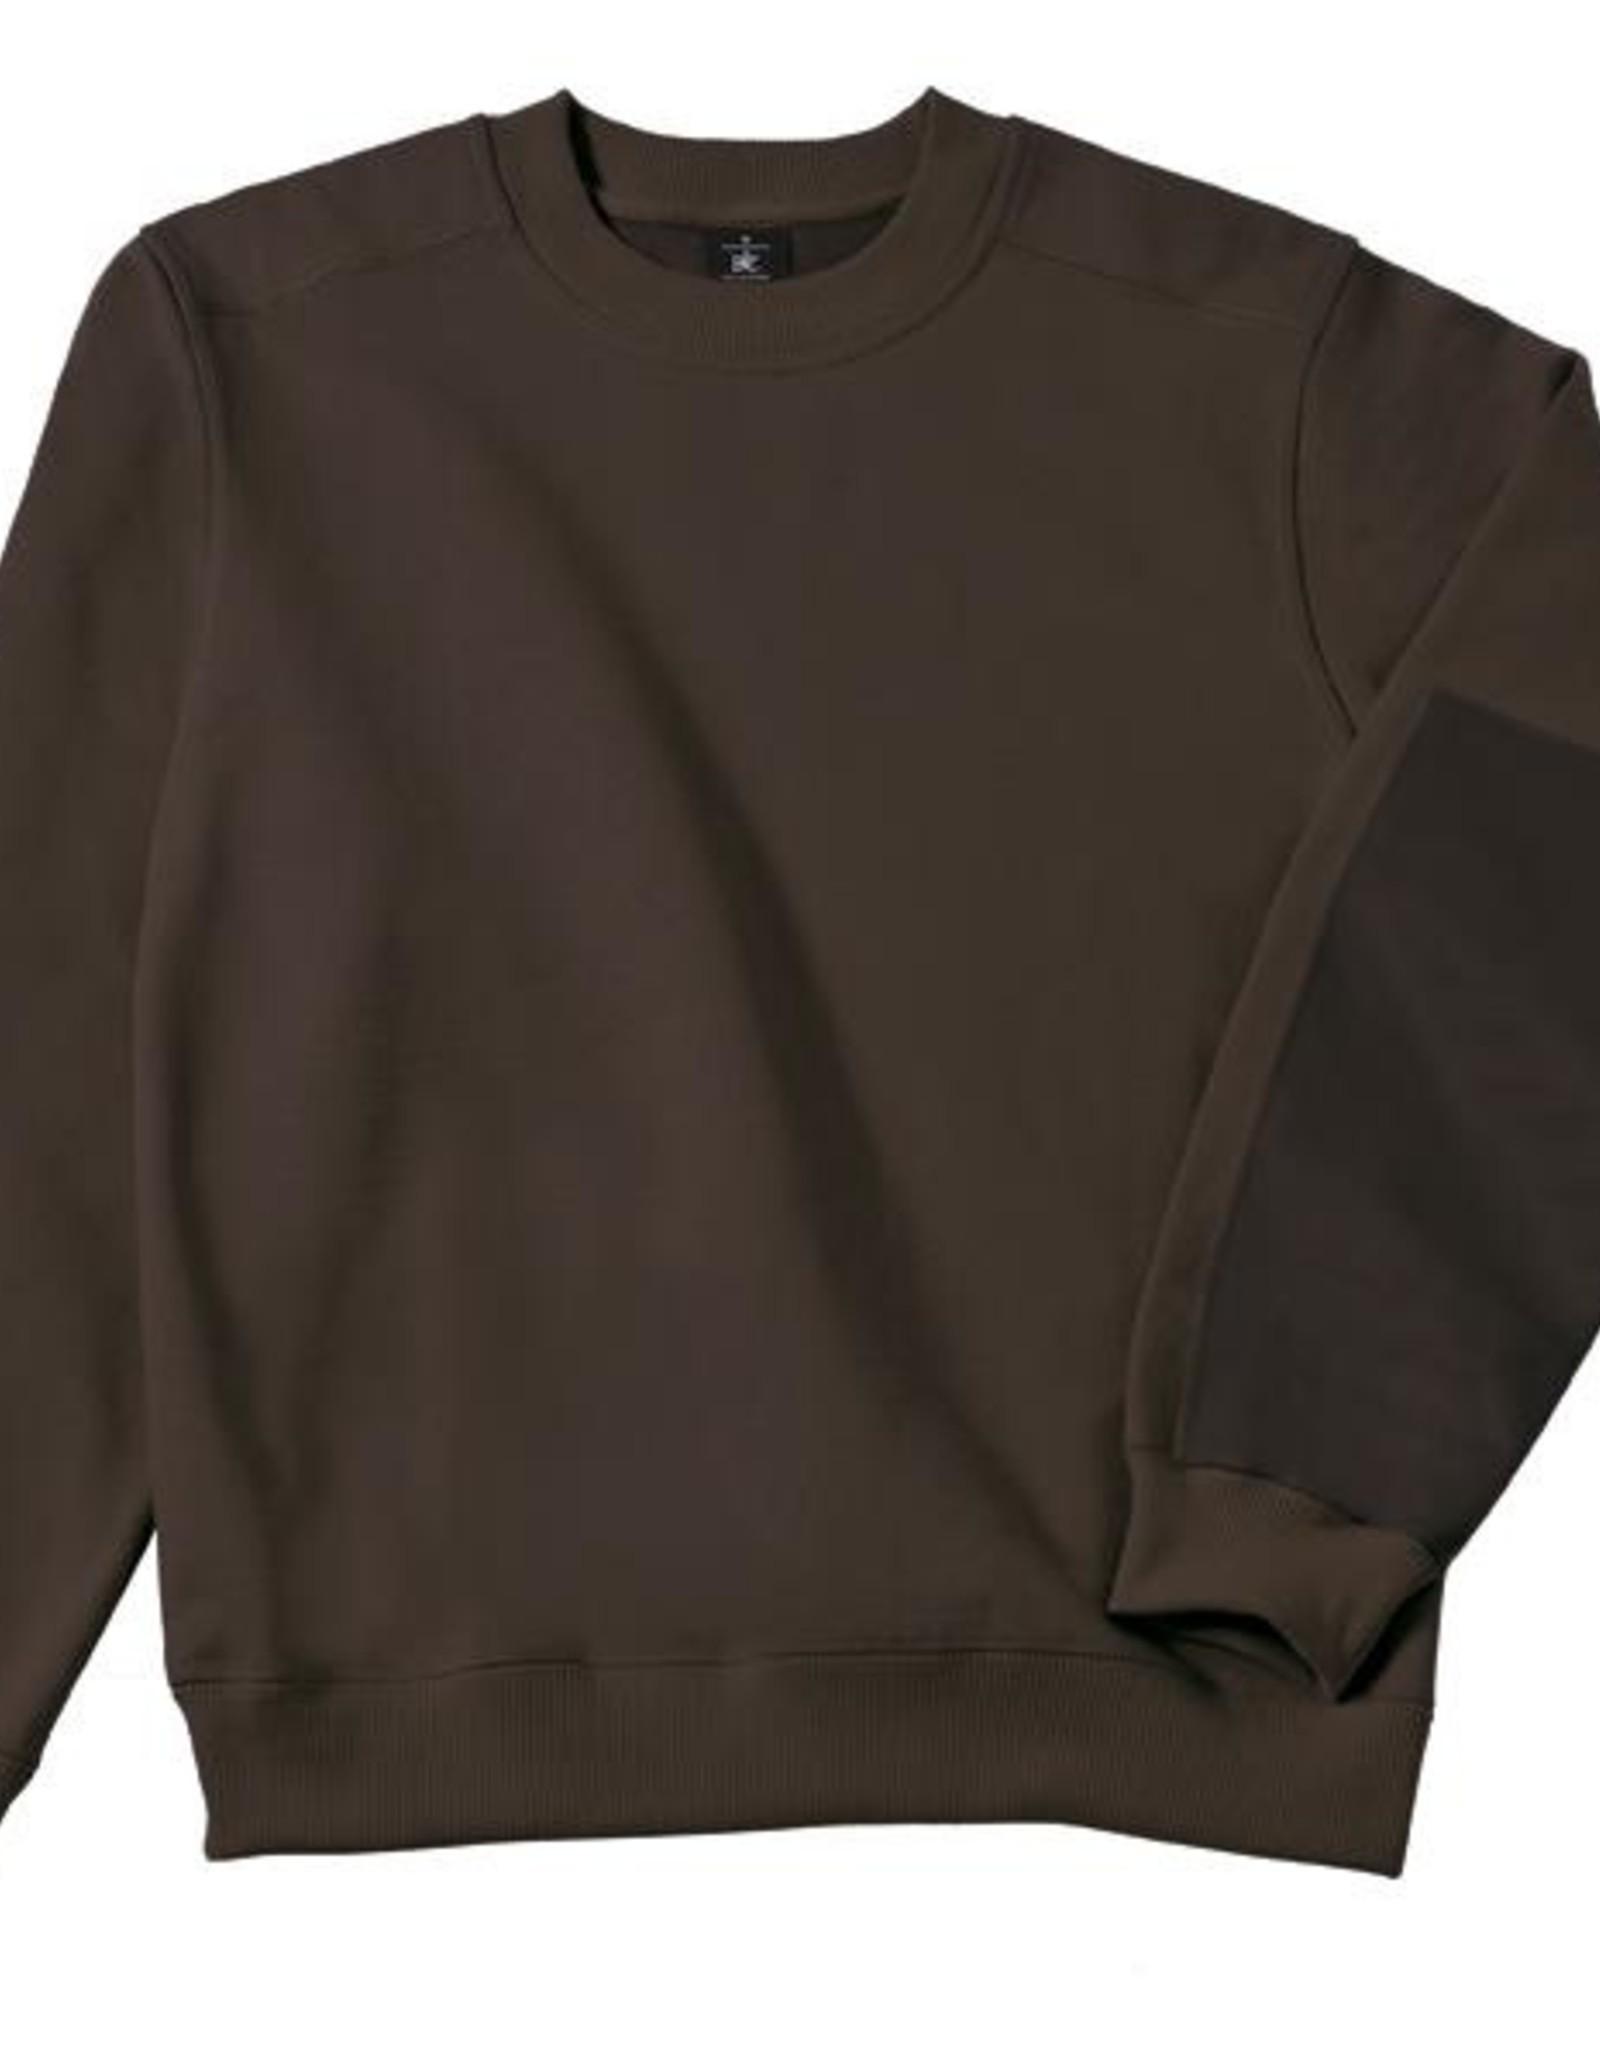 B&C Workwear set-in SWEATER bruin